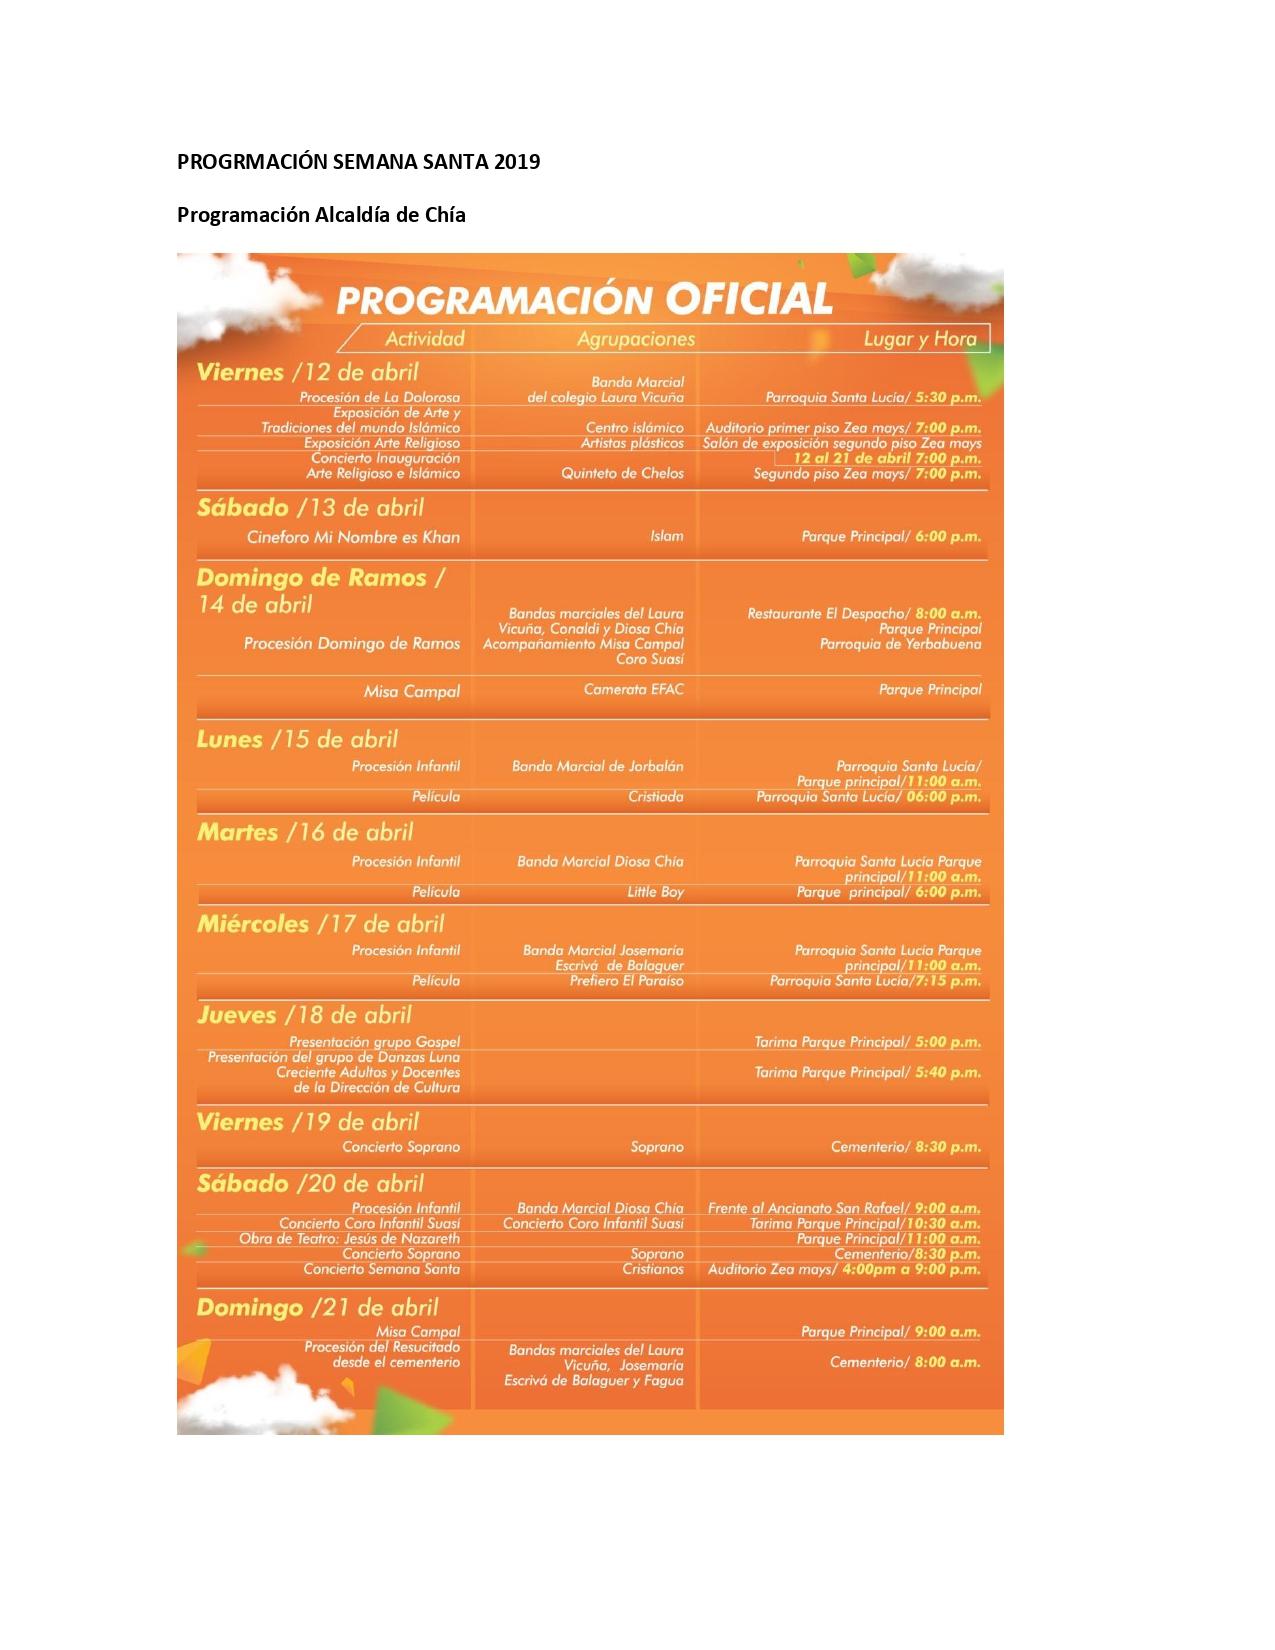 PROGRMACIÓN SEMANA SANTA 2019_page-0001